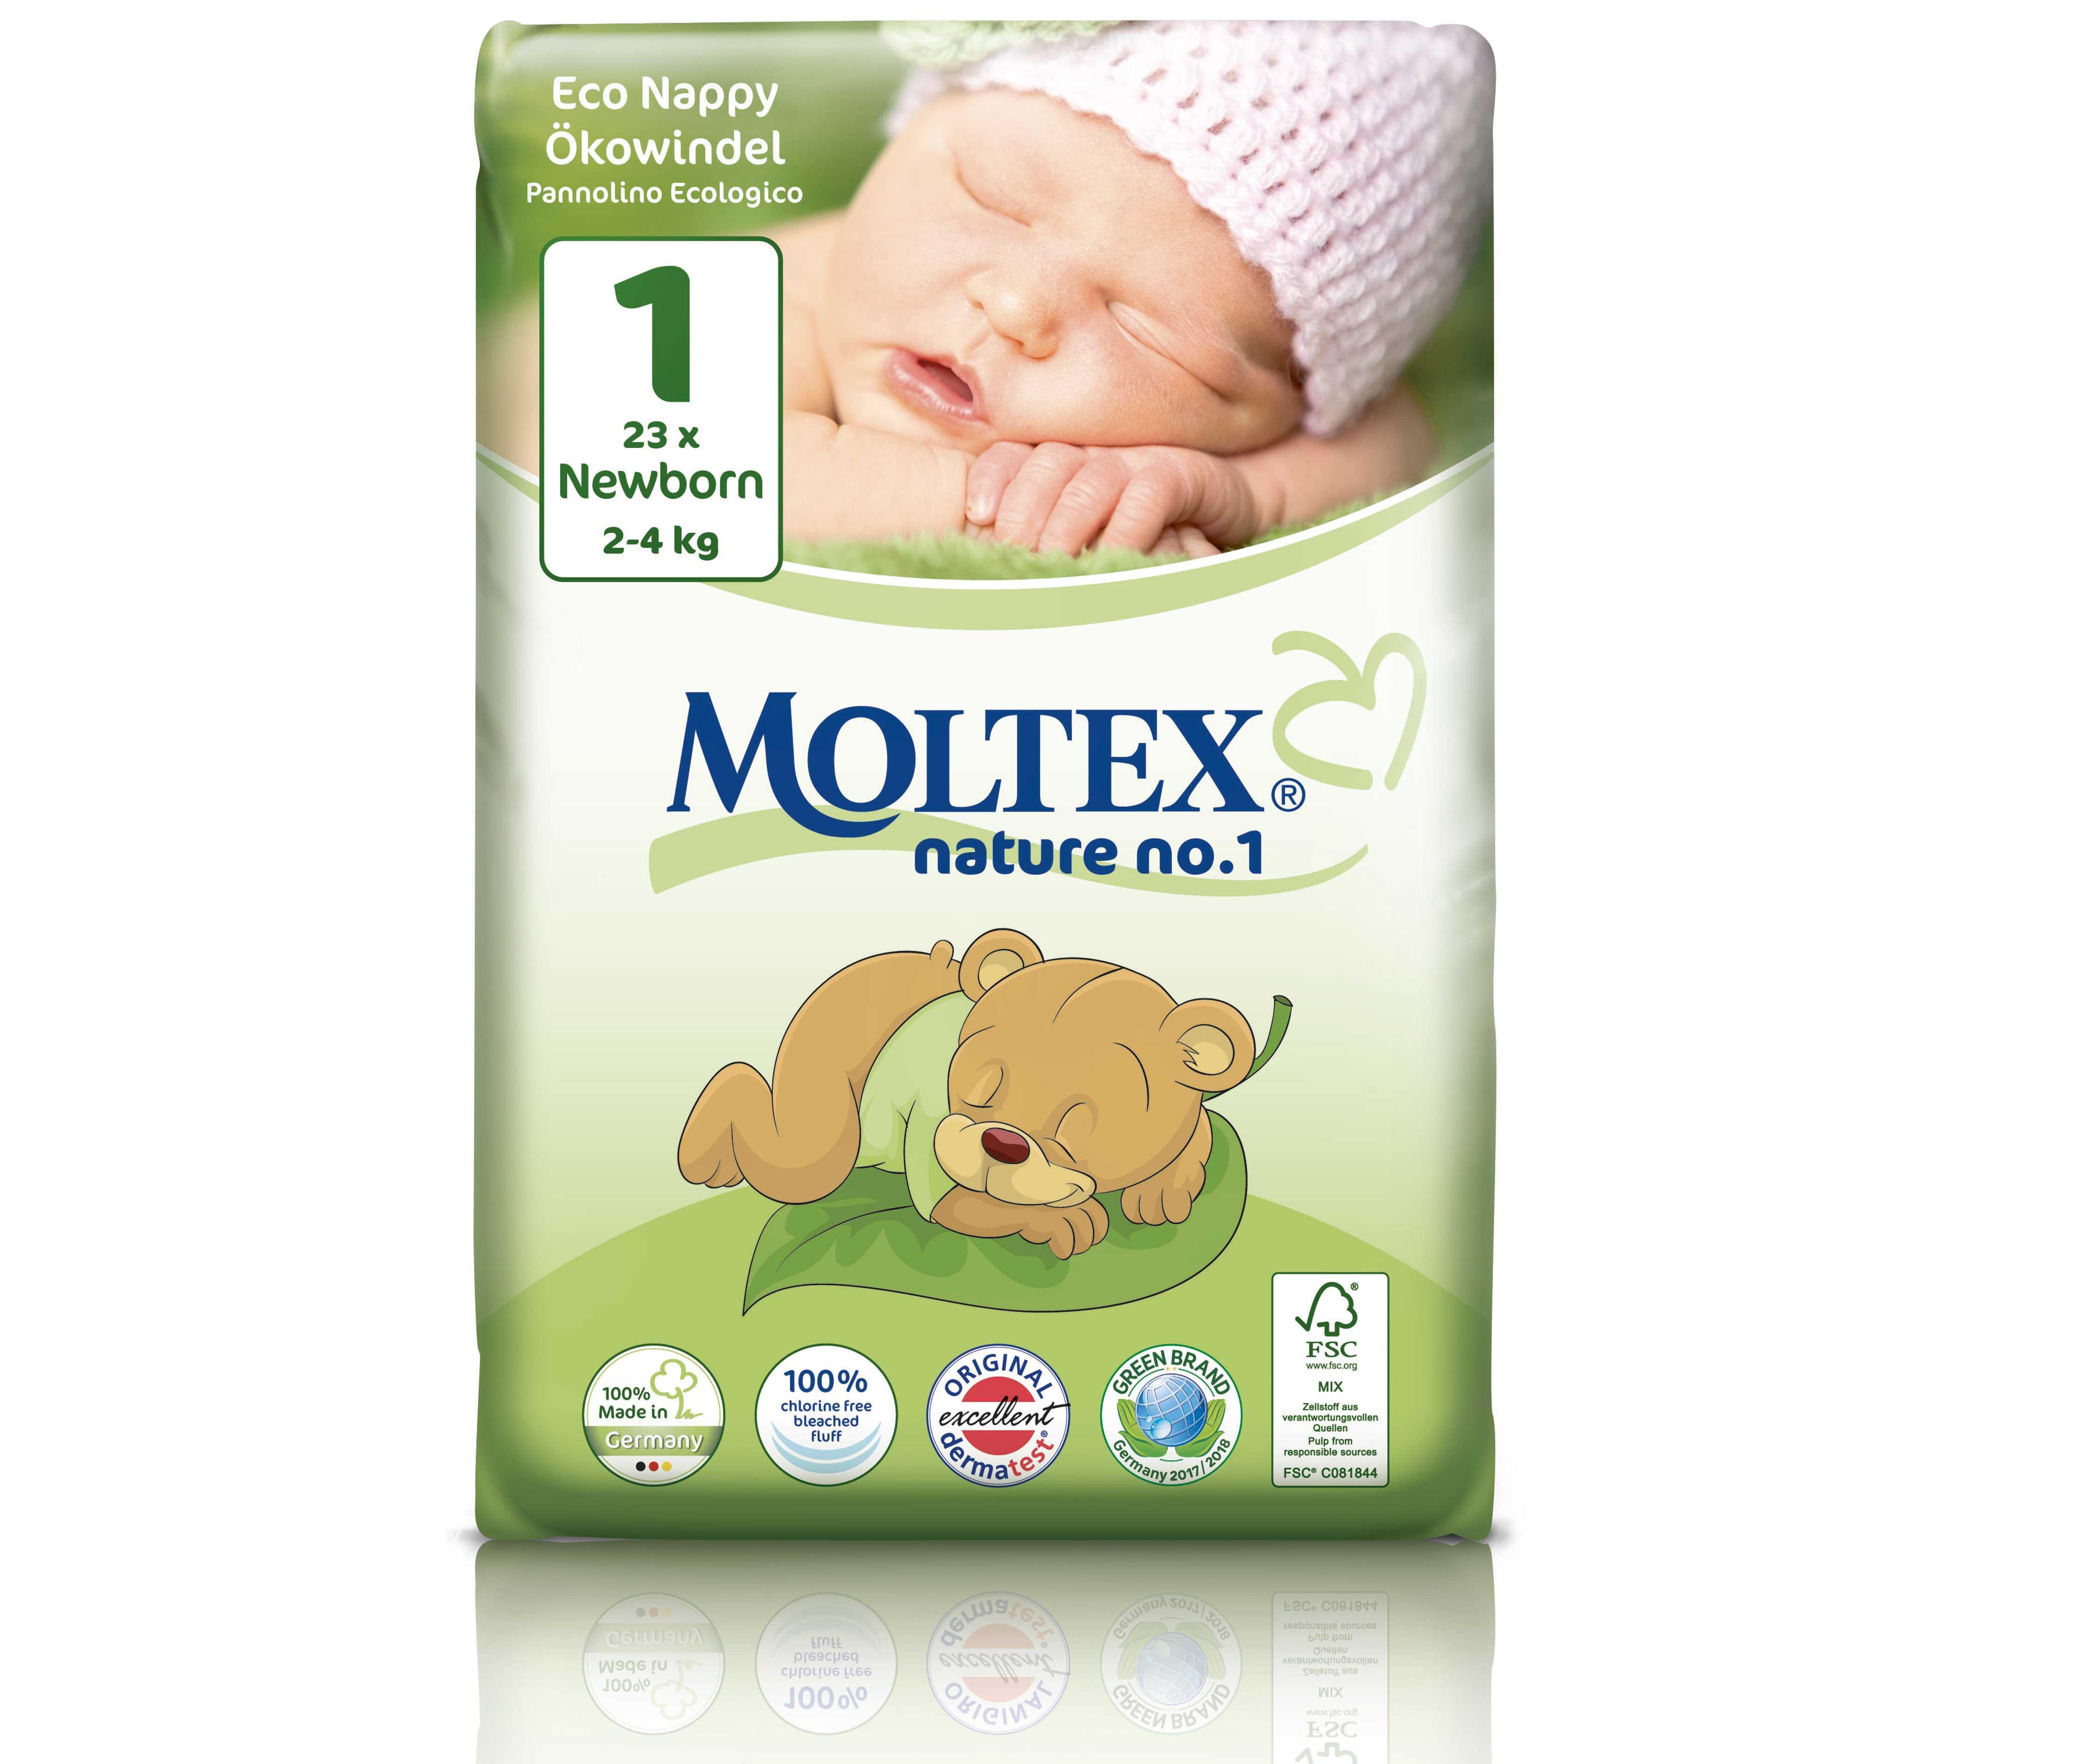 MOLTEX Couches Écologiques Nature No1 - Eco Nappy  T1 / 2-4 Kg / 23 Couches